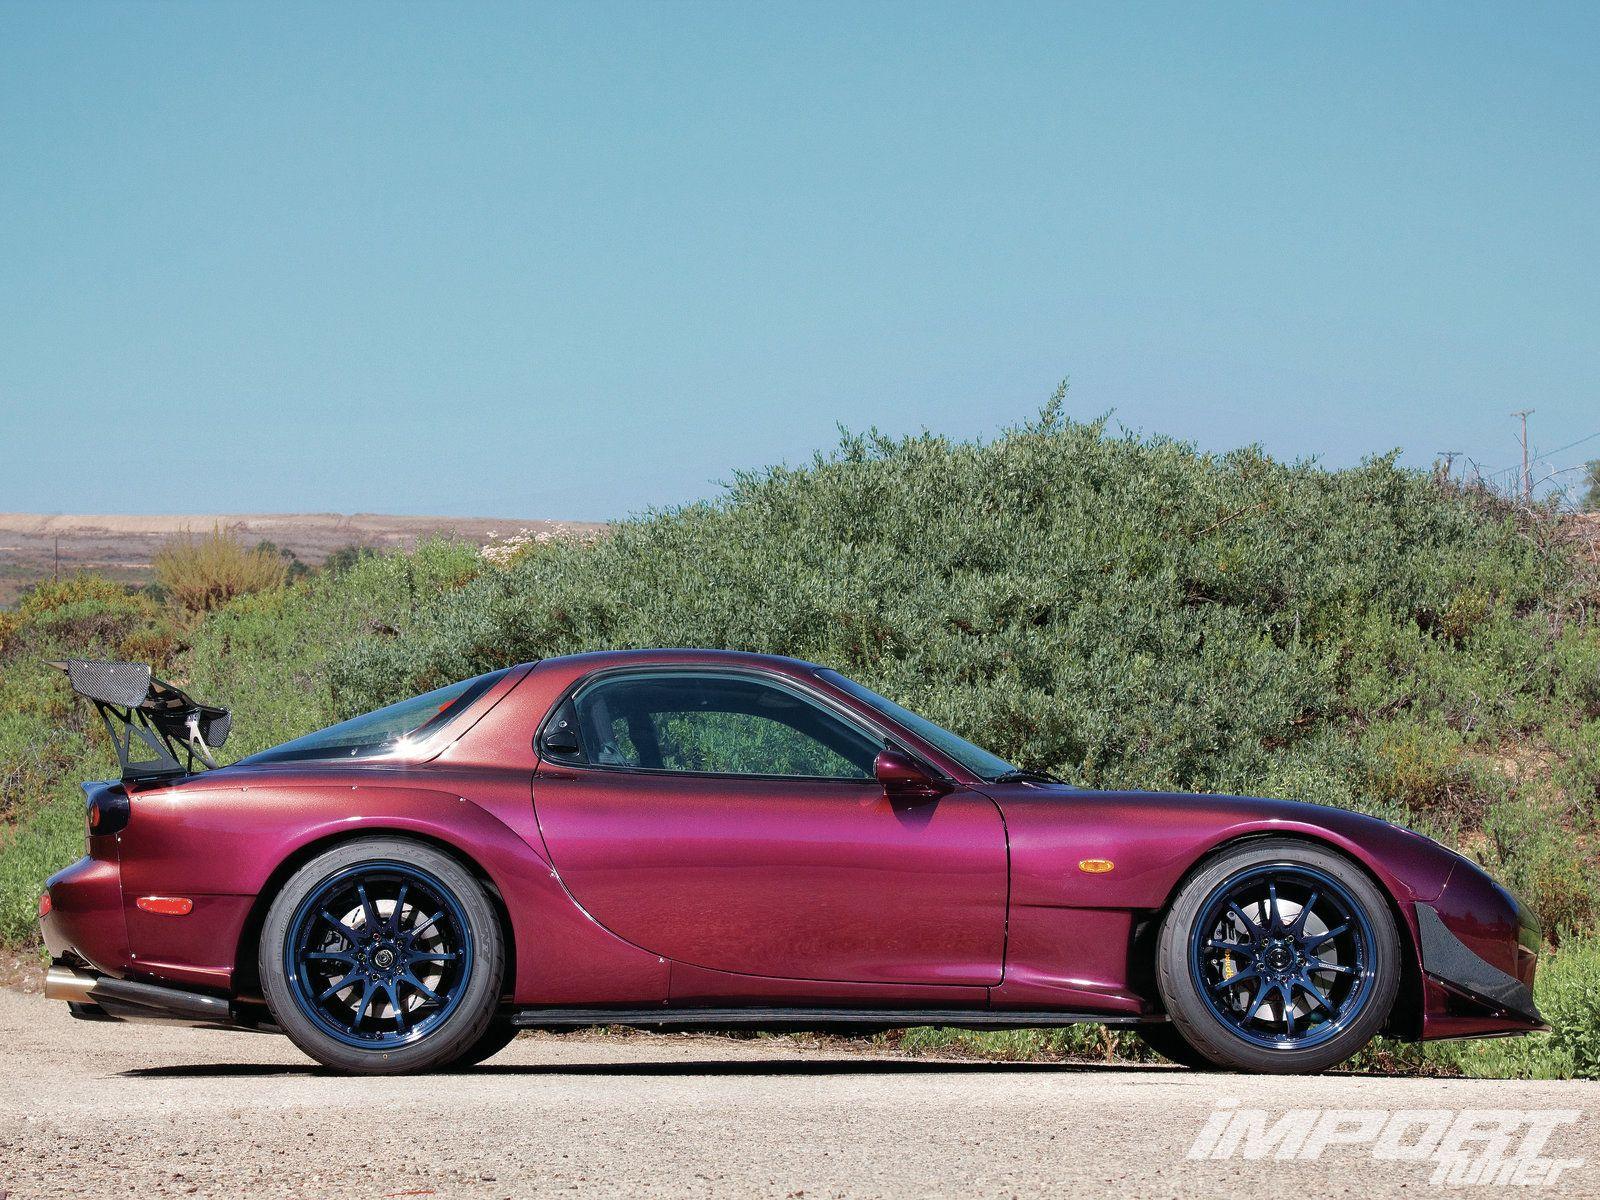 Fd3s Rx 7 Spec Gt Full Aero Shine Auto Project 93 Mazda Wiring Harness Gallery